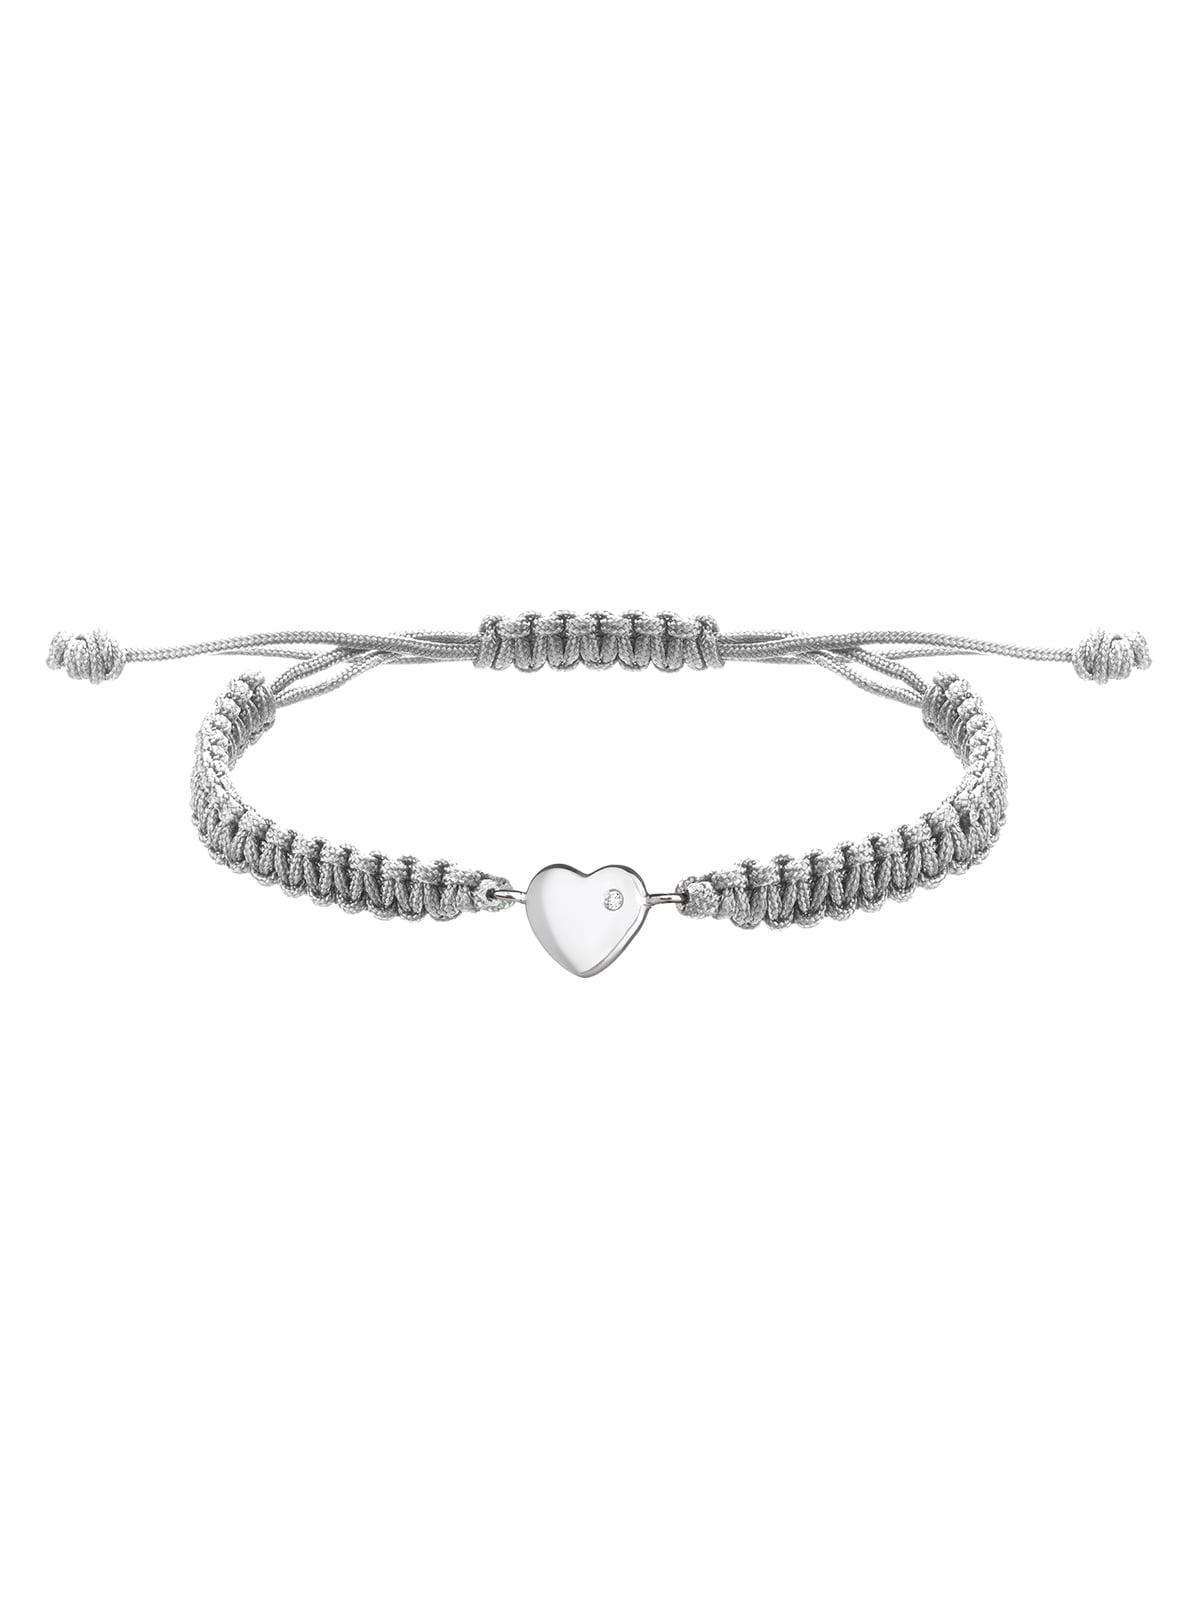 Браслет плетеный с серебряным украшением «Сердце малое» | 4588897